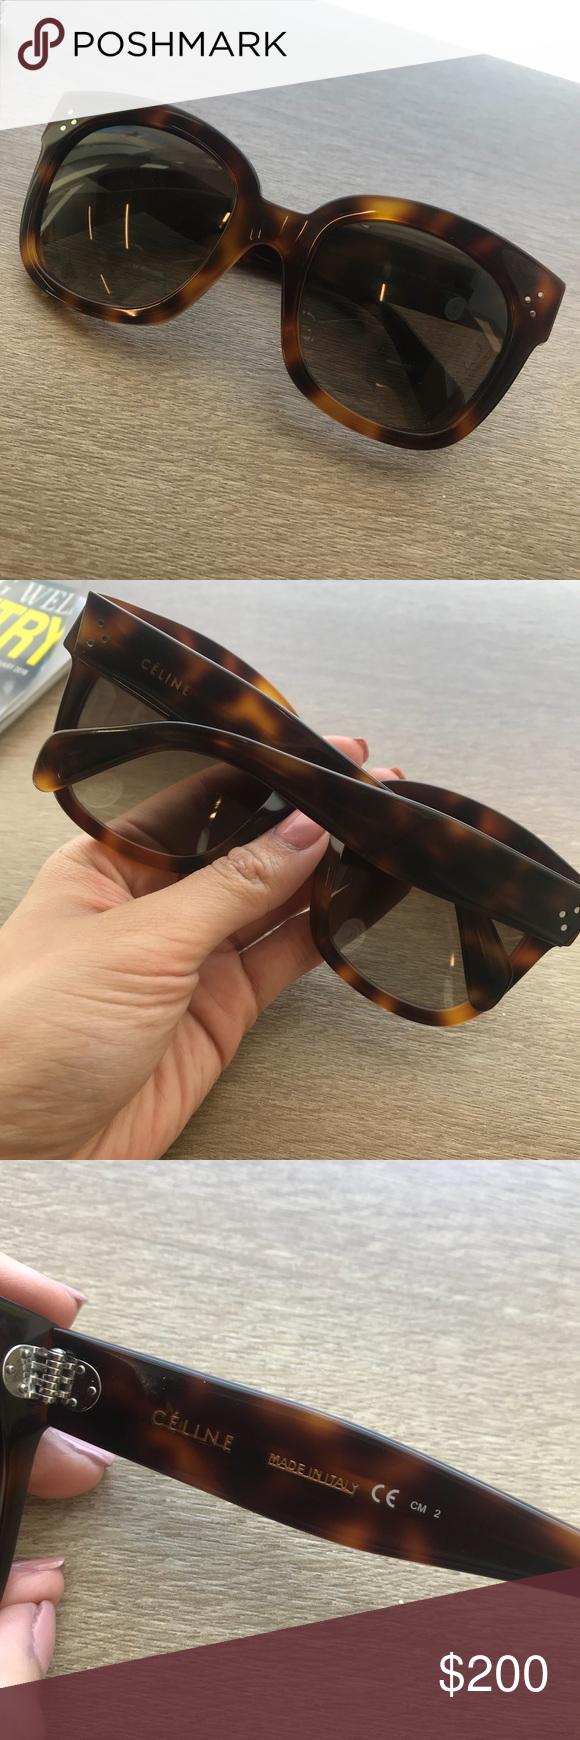 7b2c4e1ea9d5 CELINE AUDREY SUNGLASSES Authentic. Come without box or receipt. Brand new. Celine  Accessories Glasses